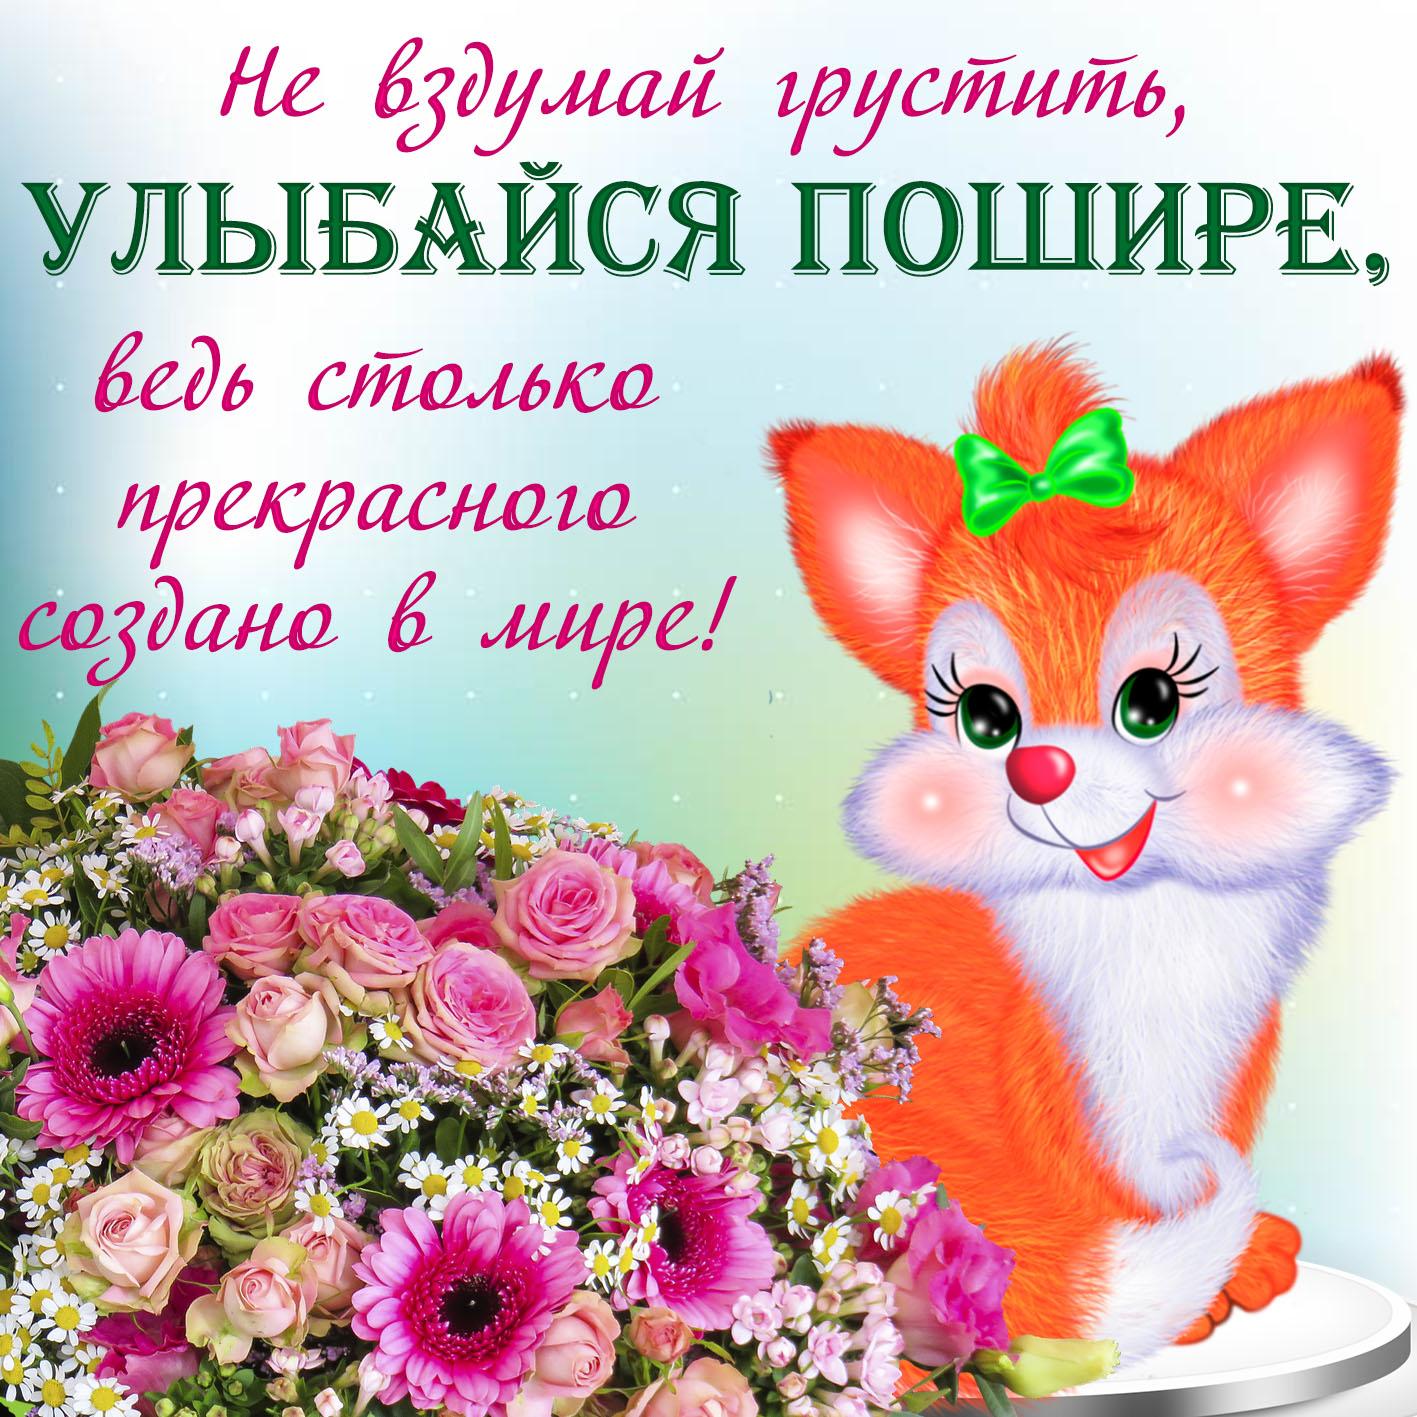 Открытка - лисичка желает тебе улыбаться пошире